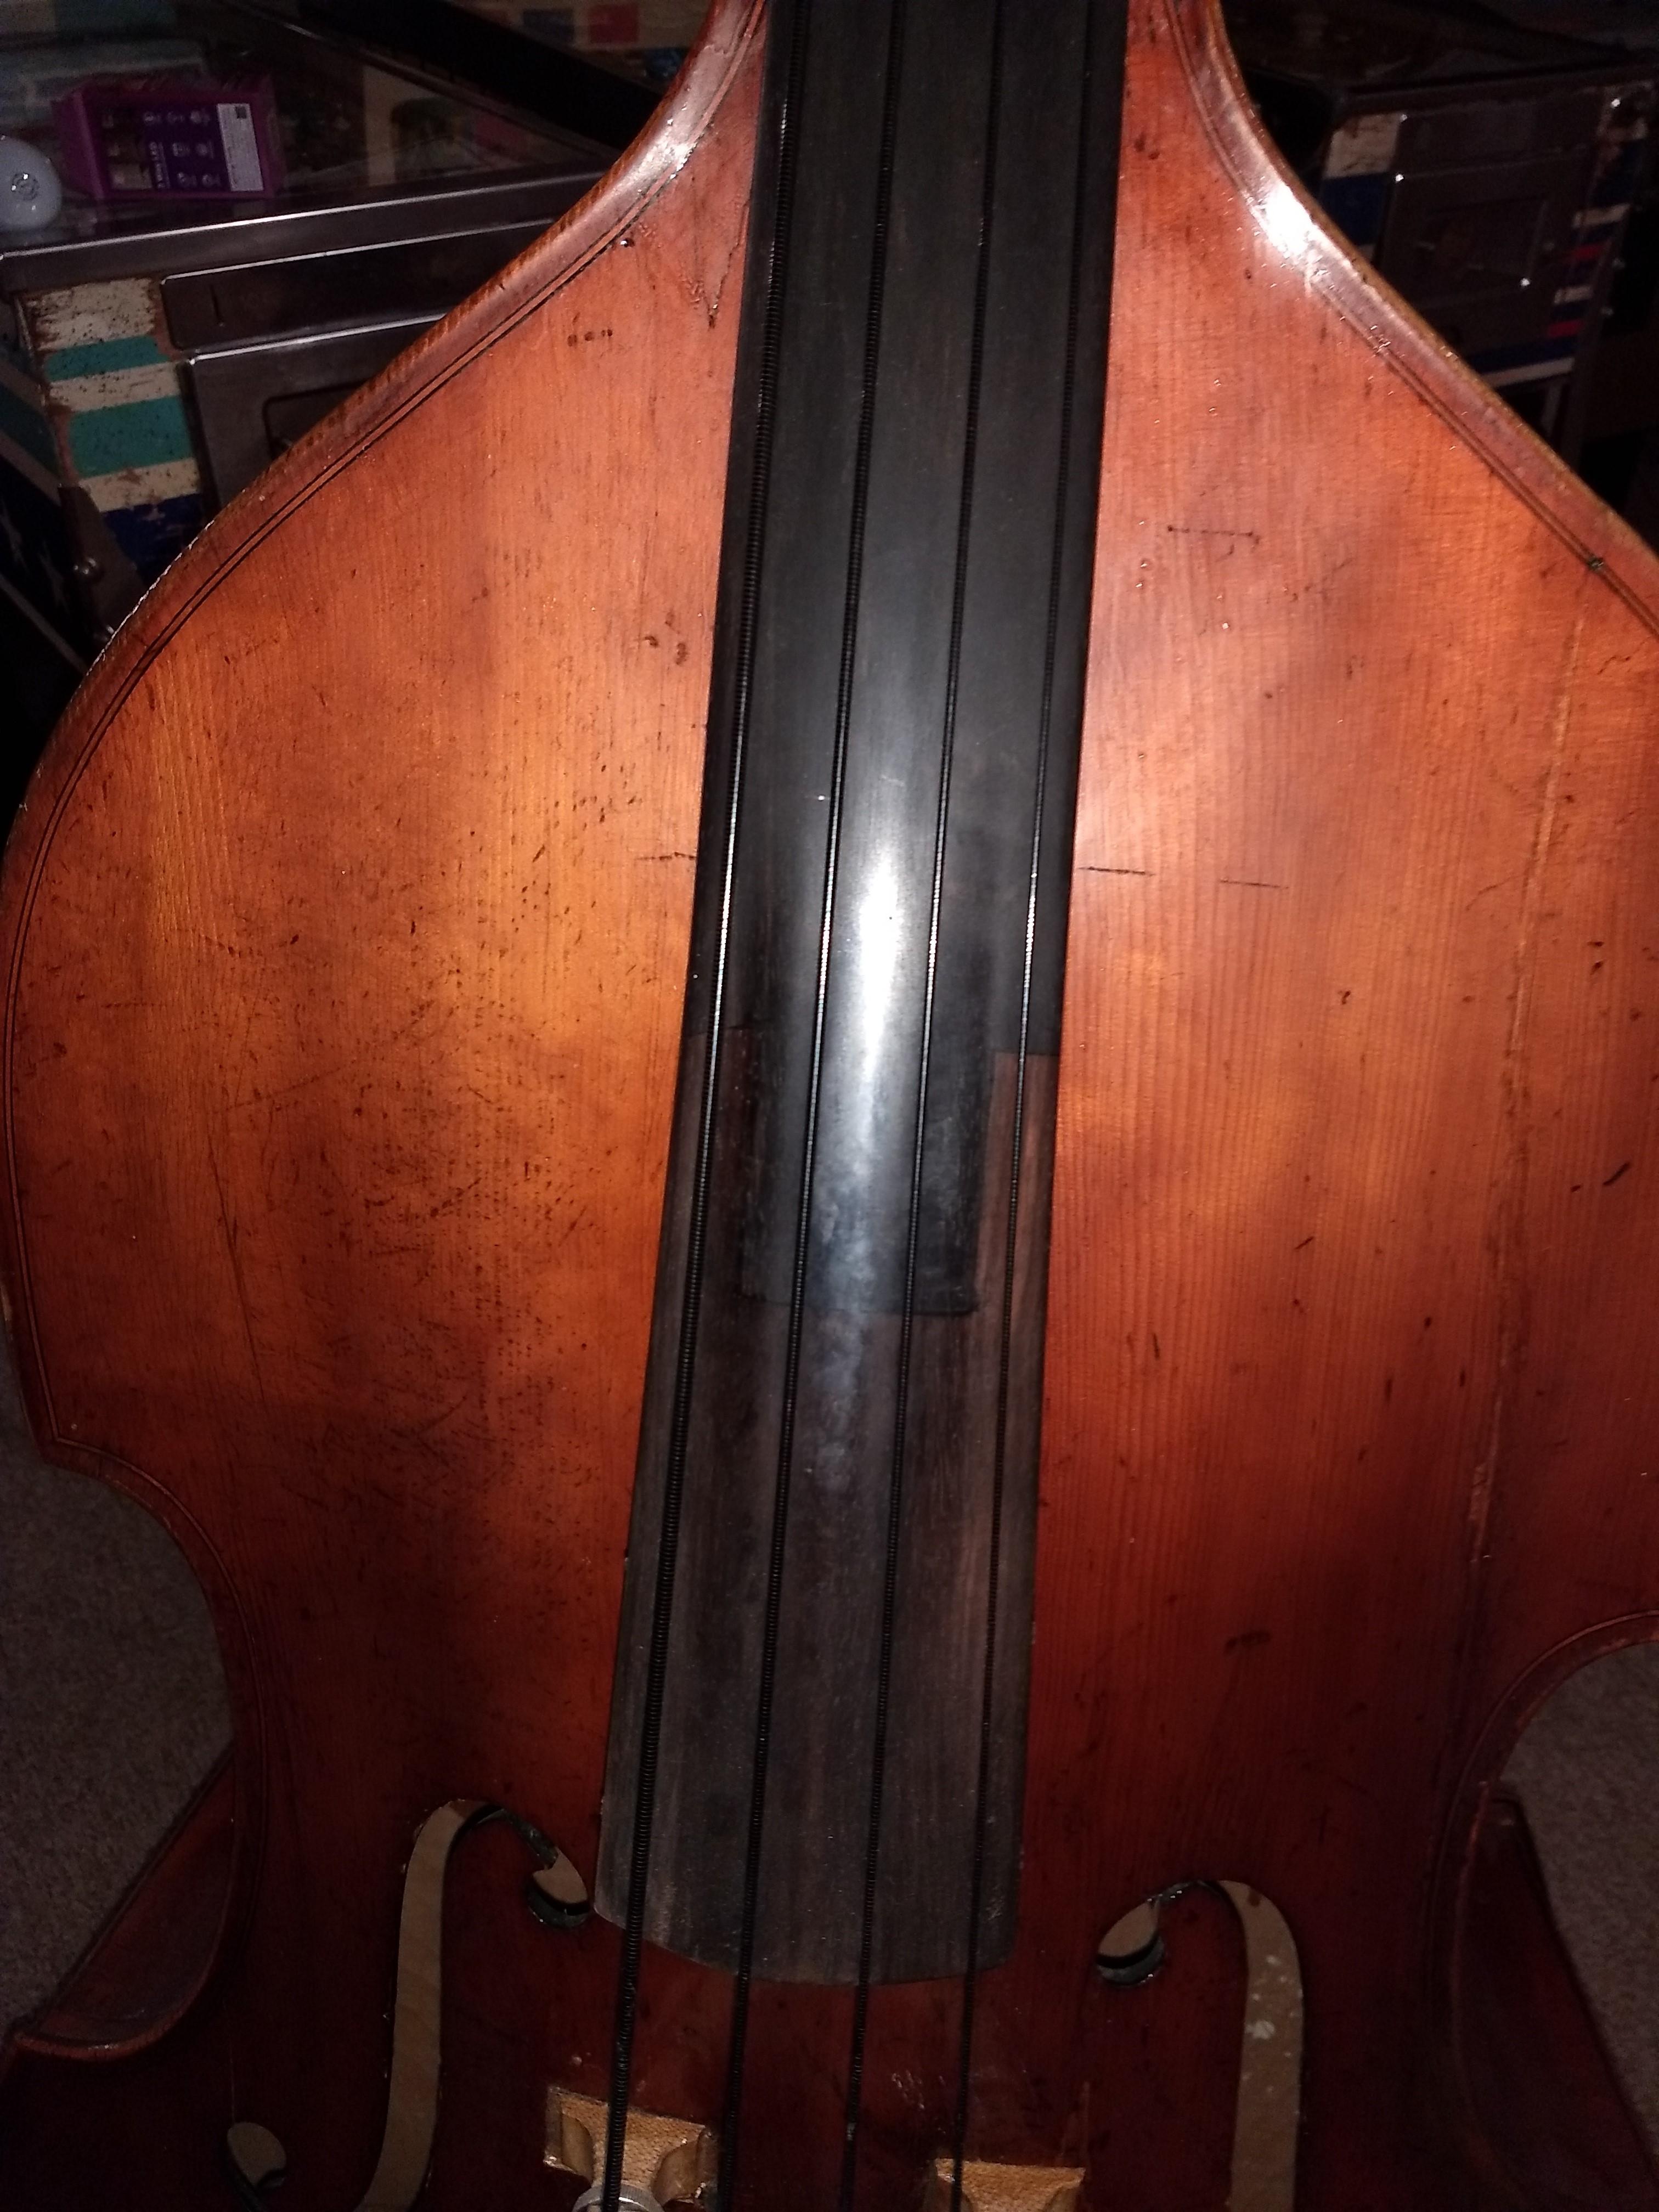 ALBUM: Framus Vintage Double Bass - Johannes Eberle Line